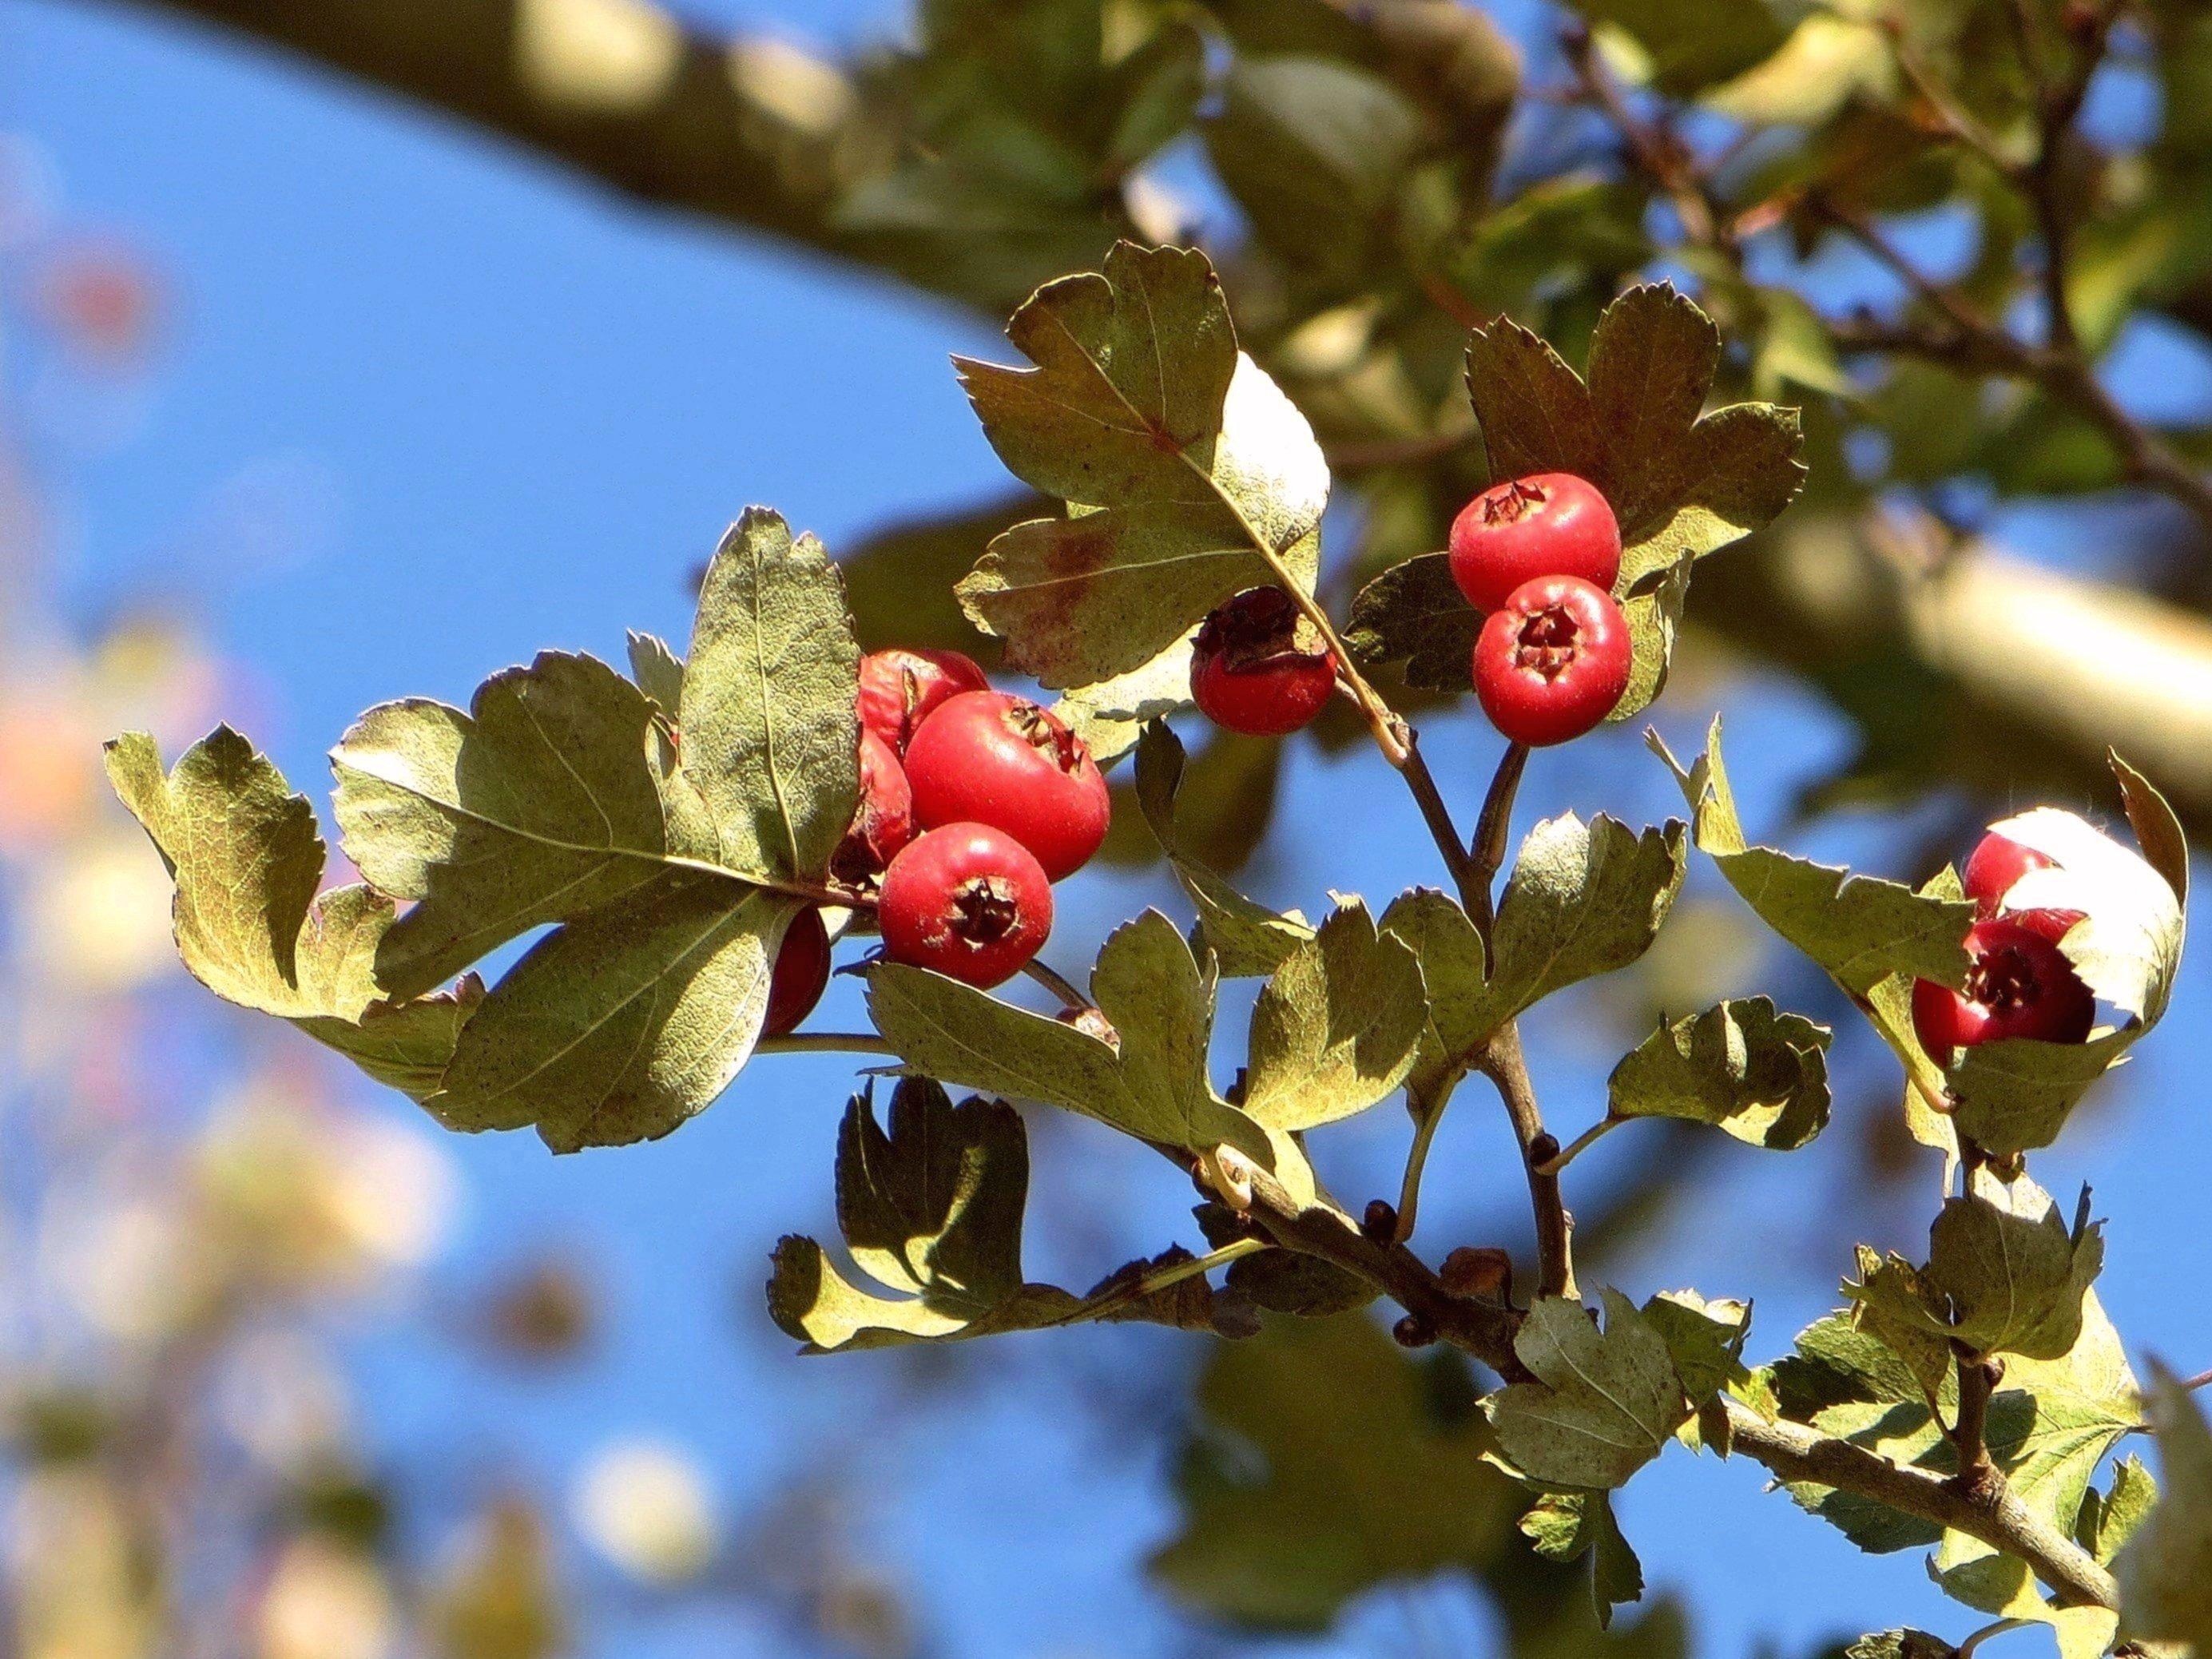 обычно подделках боярышник декоративный фото ягоды покажет